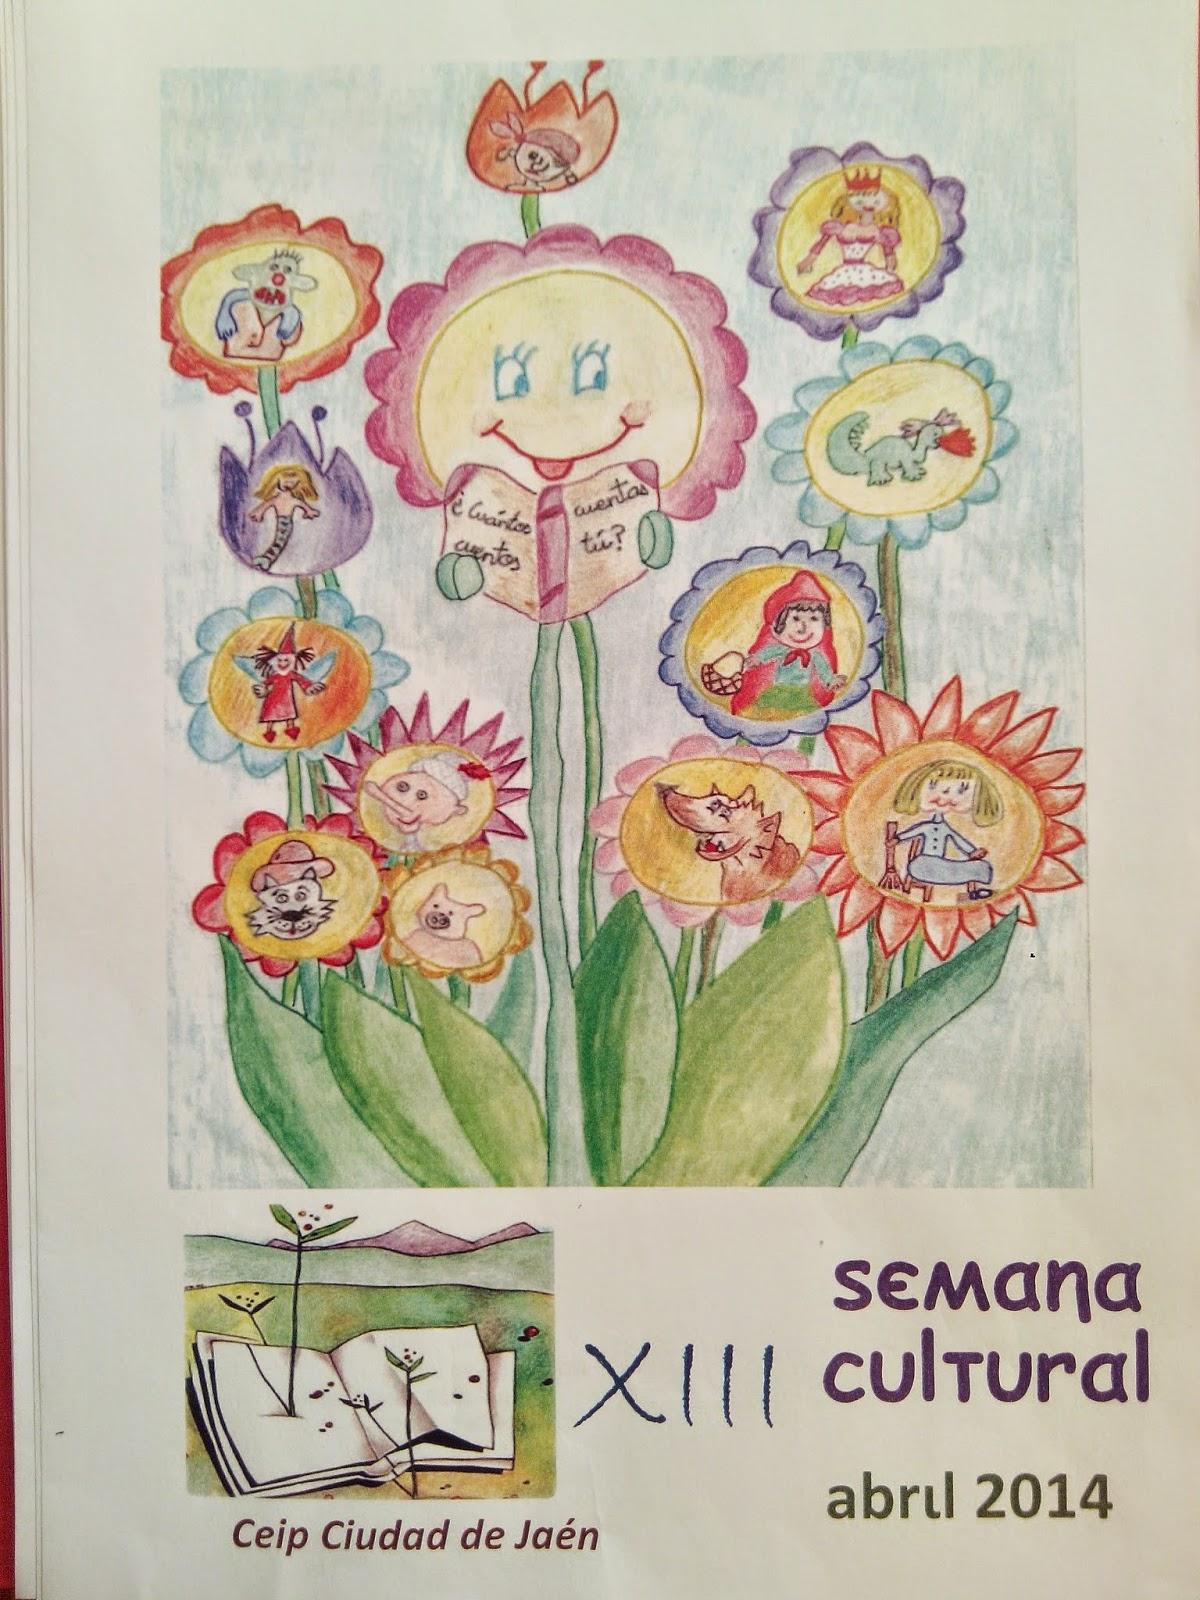 XIII SEMANA CULTURAL